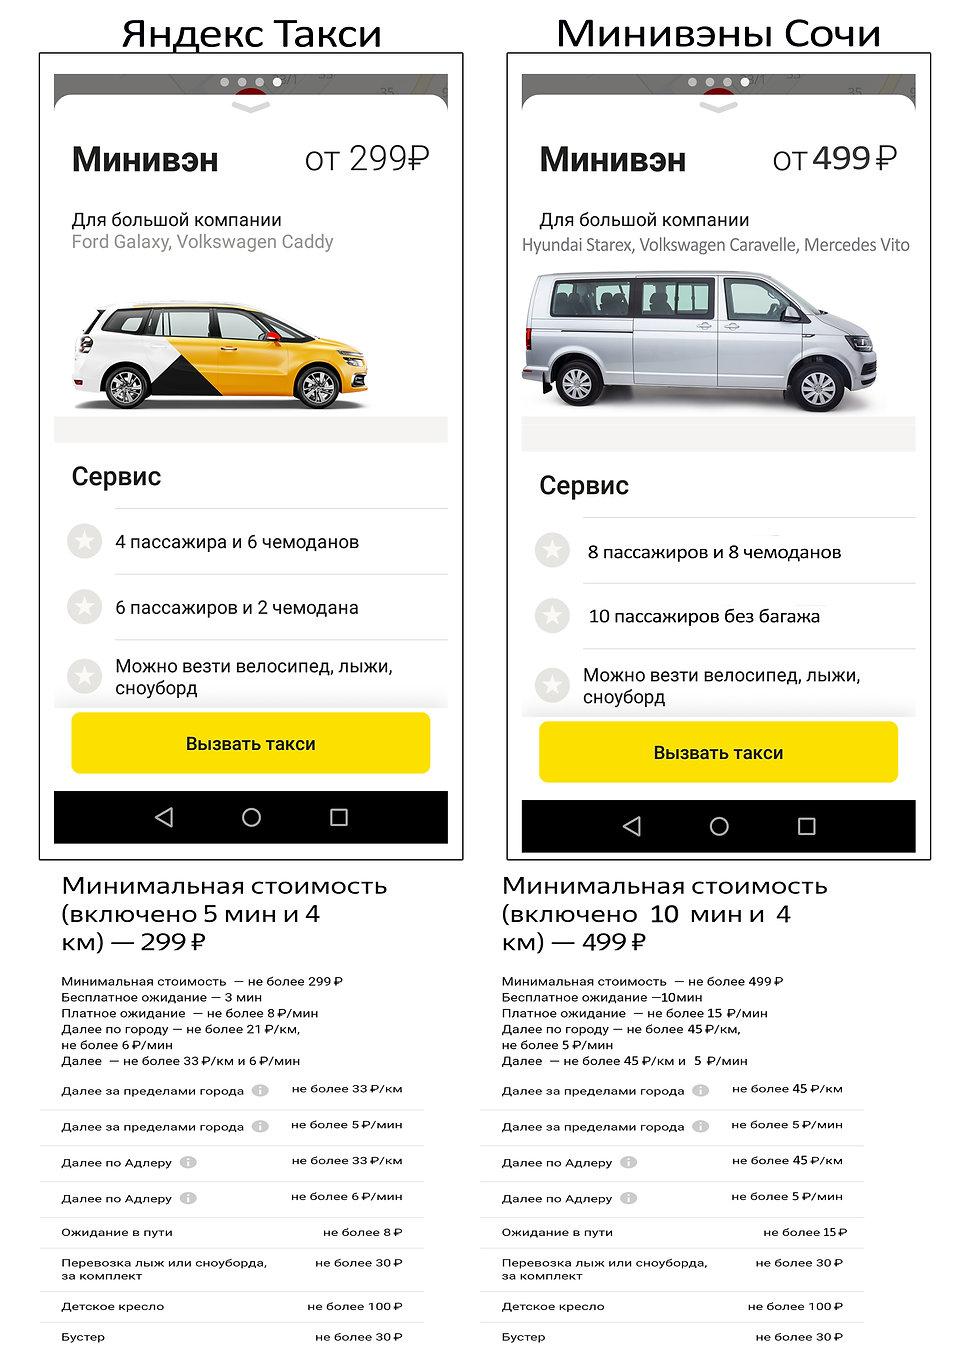 Яндекс и Минивэны 1.jpg